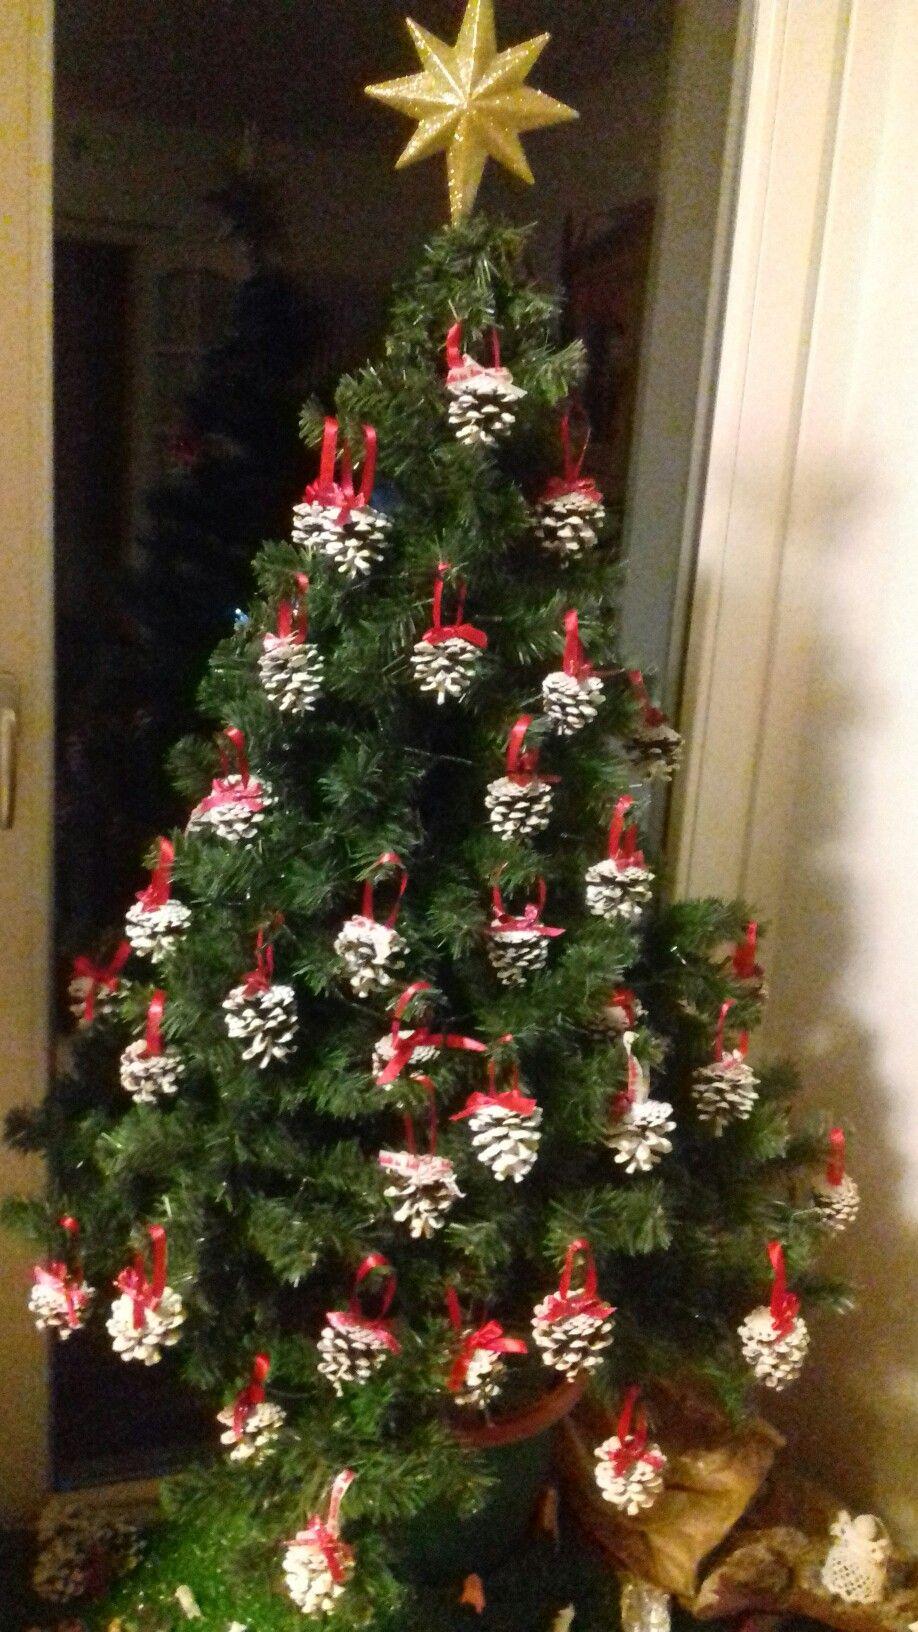 Albero Di Natale Con Pigne.Albero Di Natale Con Pigne Colorate Con Tempera Bianca Natale Alberi Di Natale Pigne